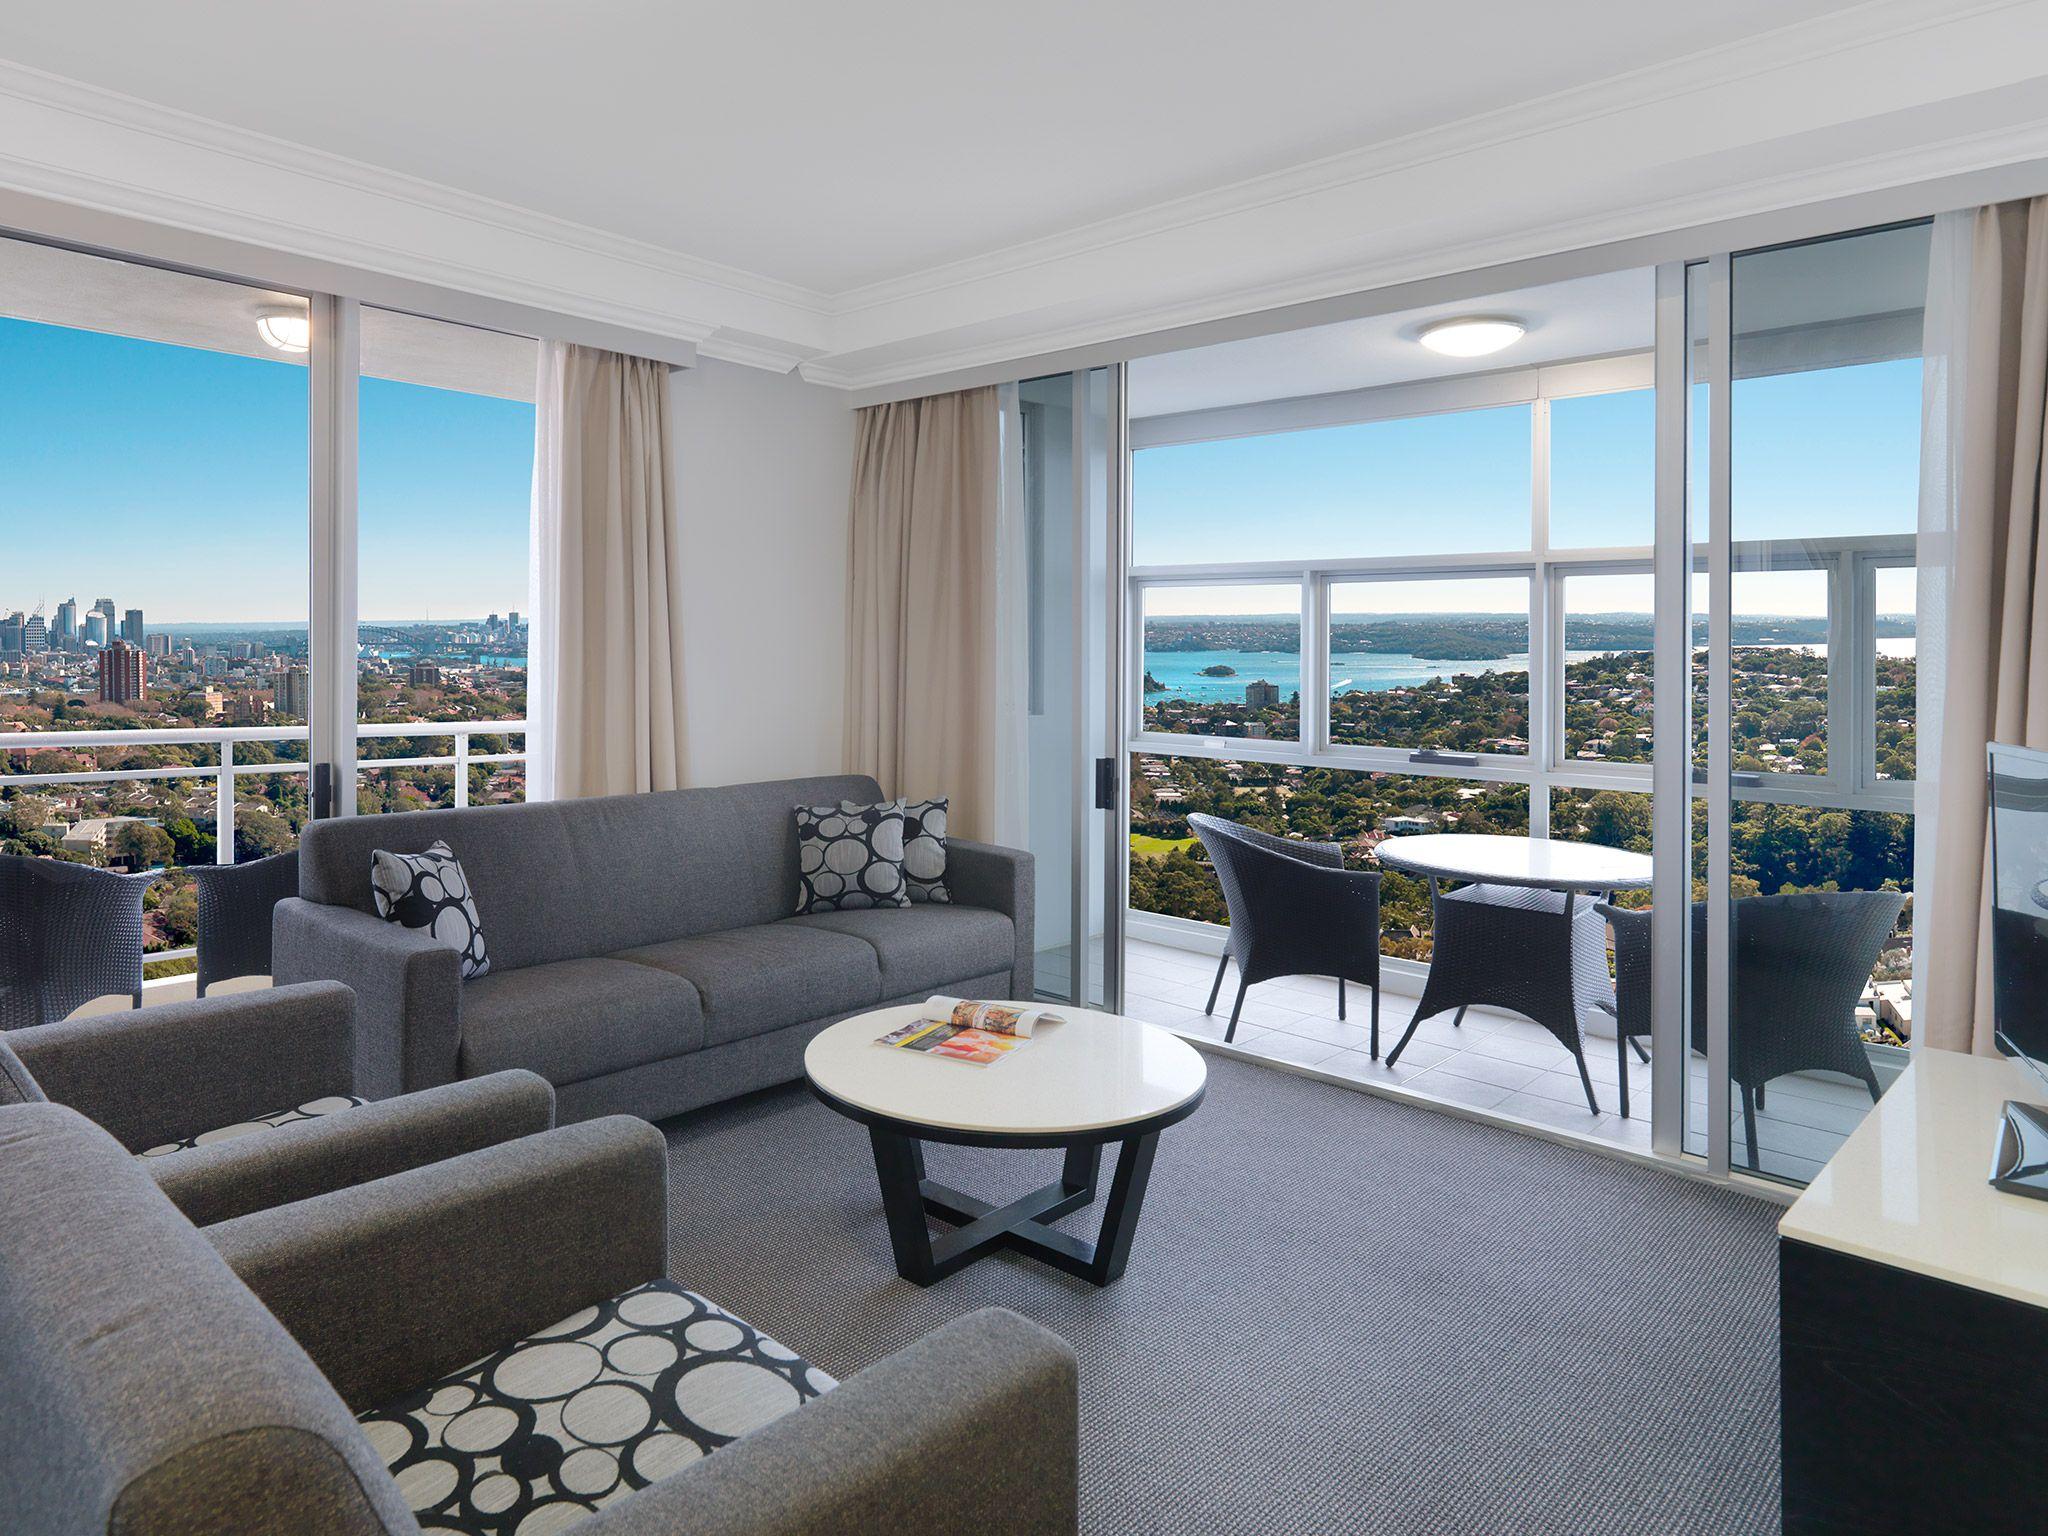 Harbour Suite with 3 Bedrooms Sydney BondiJunction